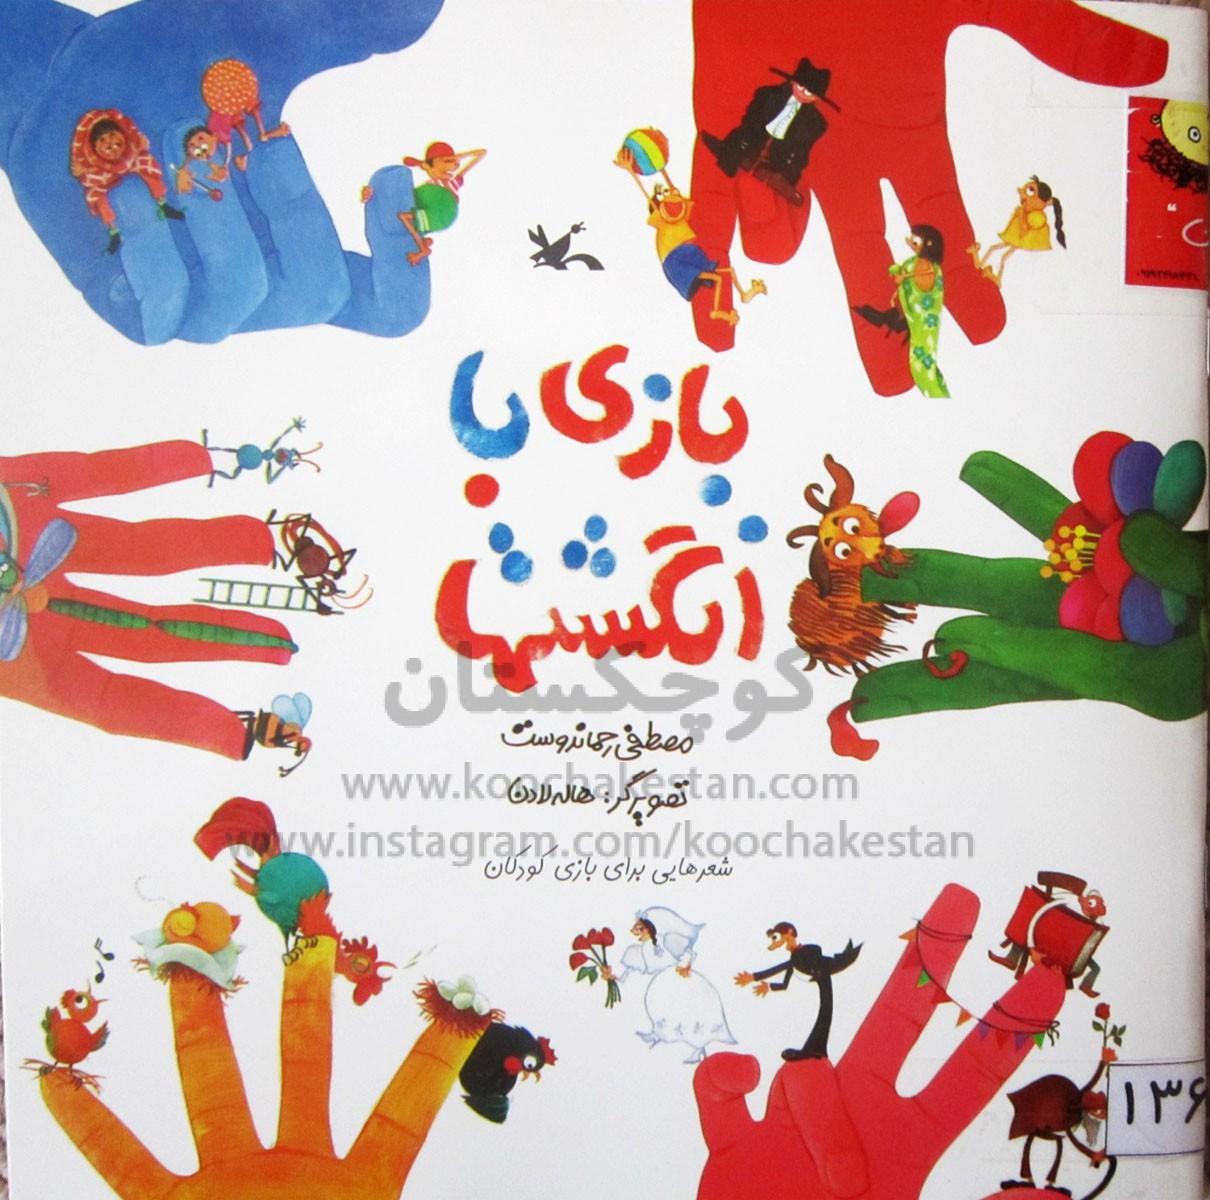 بازی با انگشتها - کتابخانه کودک - کوچکستان